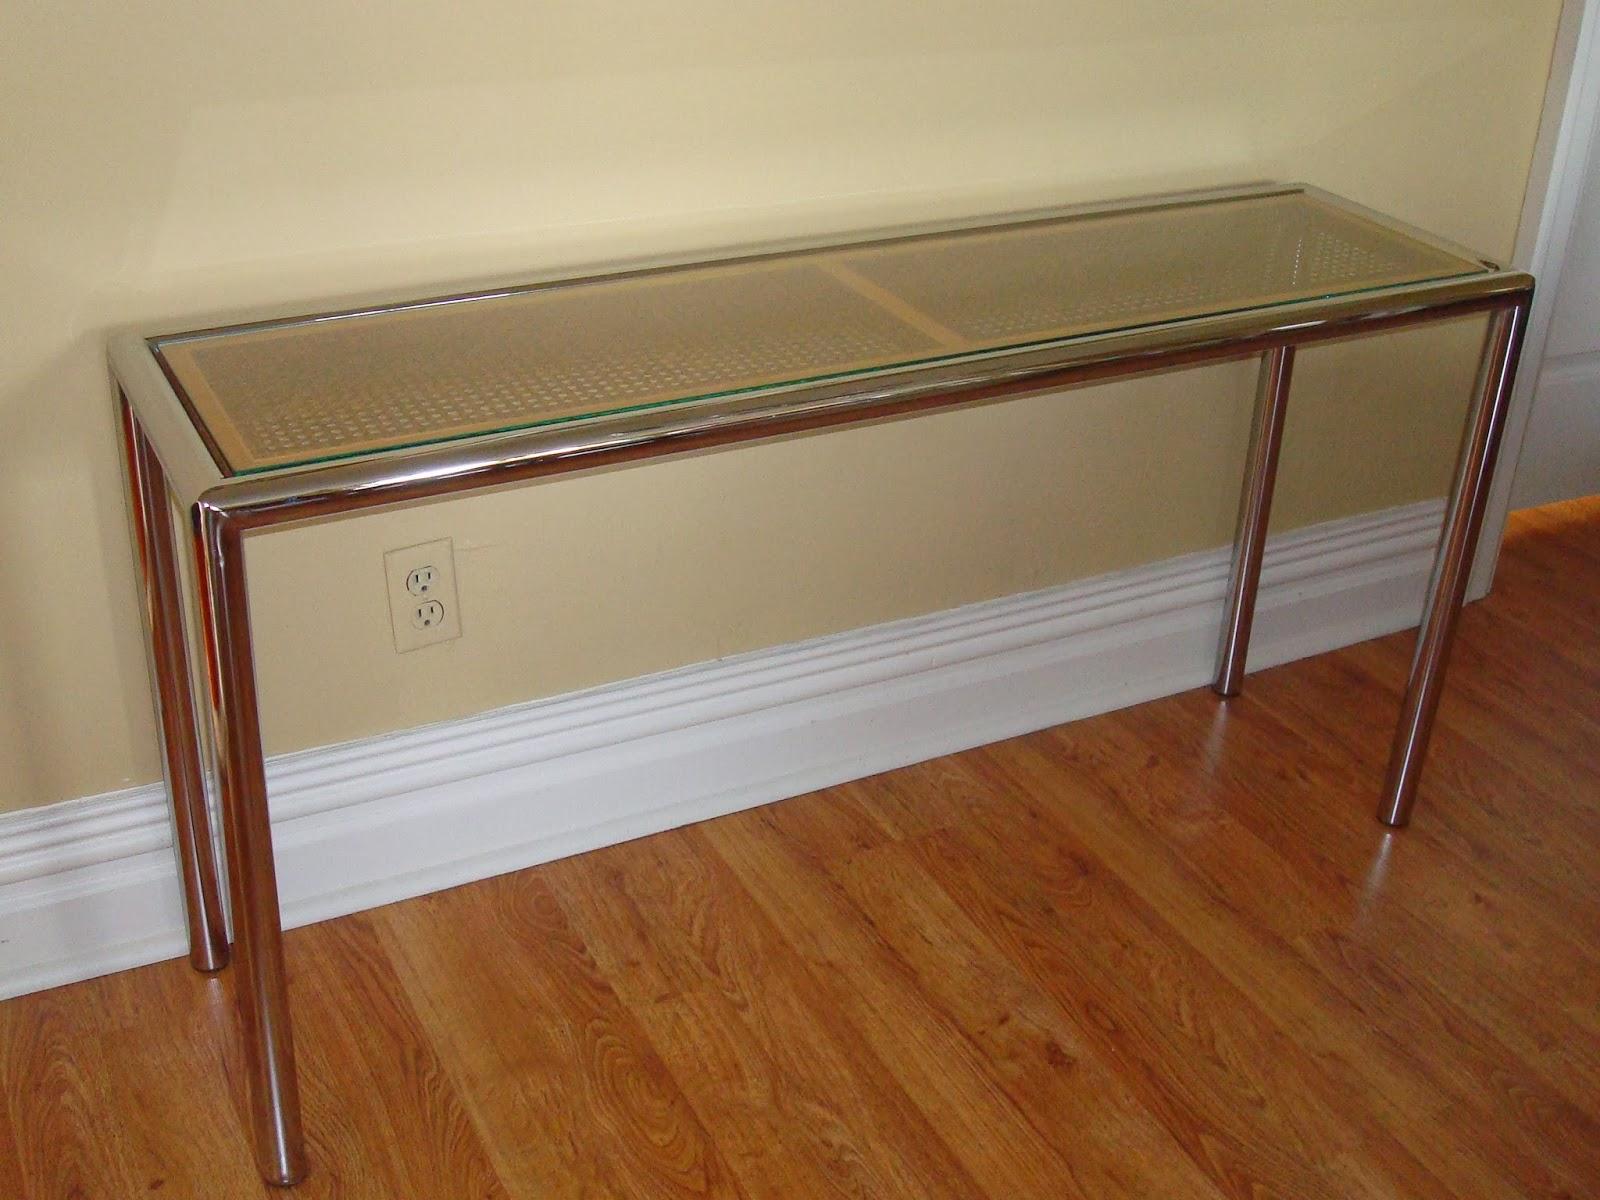 Natal Chrome And Glass Sofa Table Who Sells Sofas Image Collections